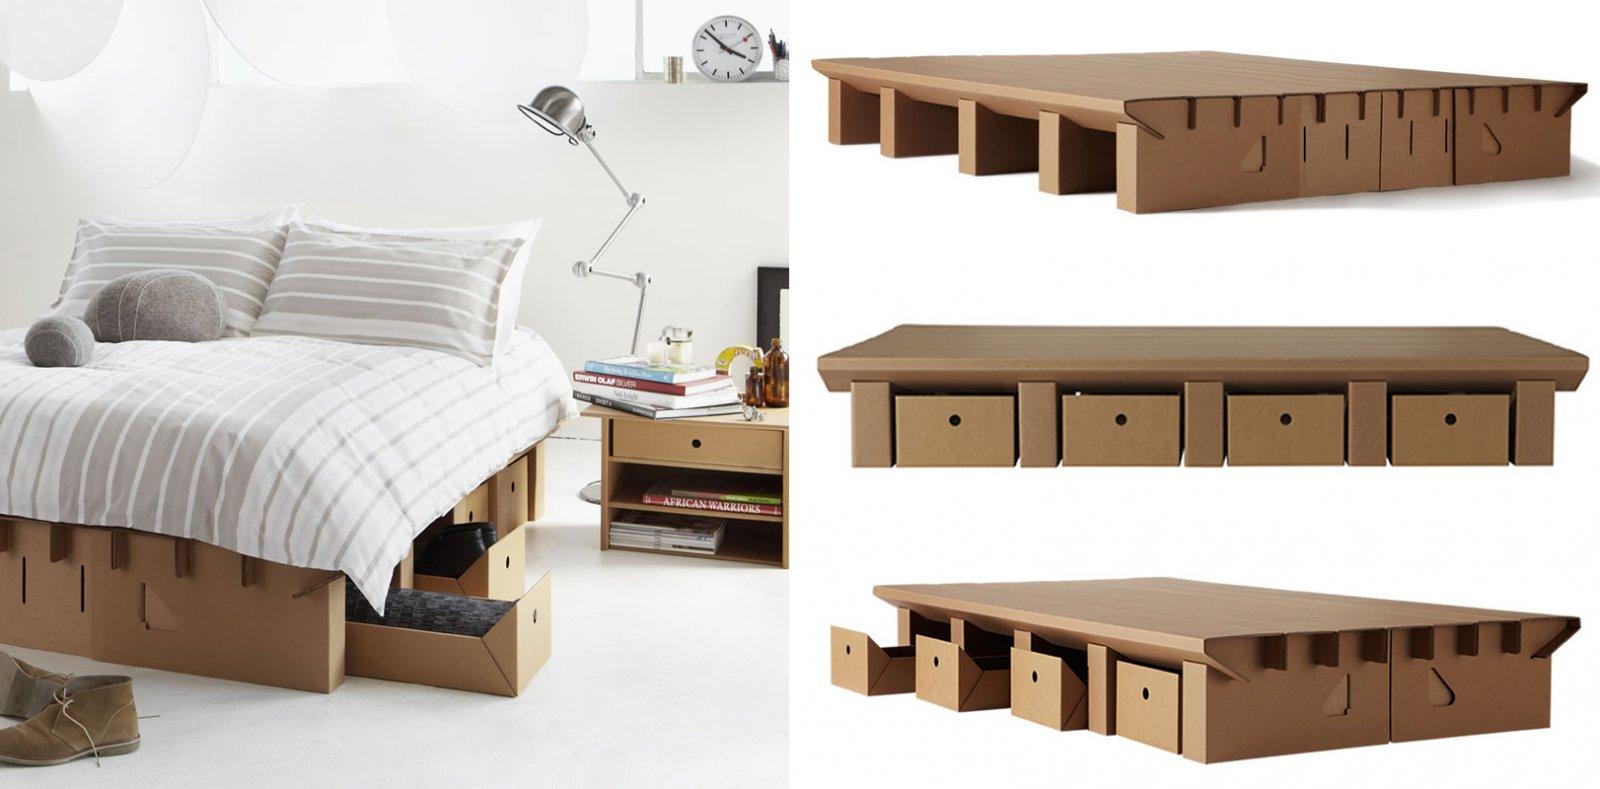 Muebles de cartón de la firma Karton. Decoración del hogar.